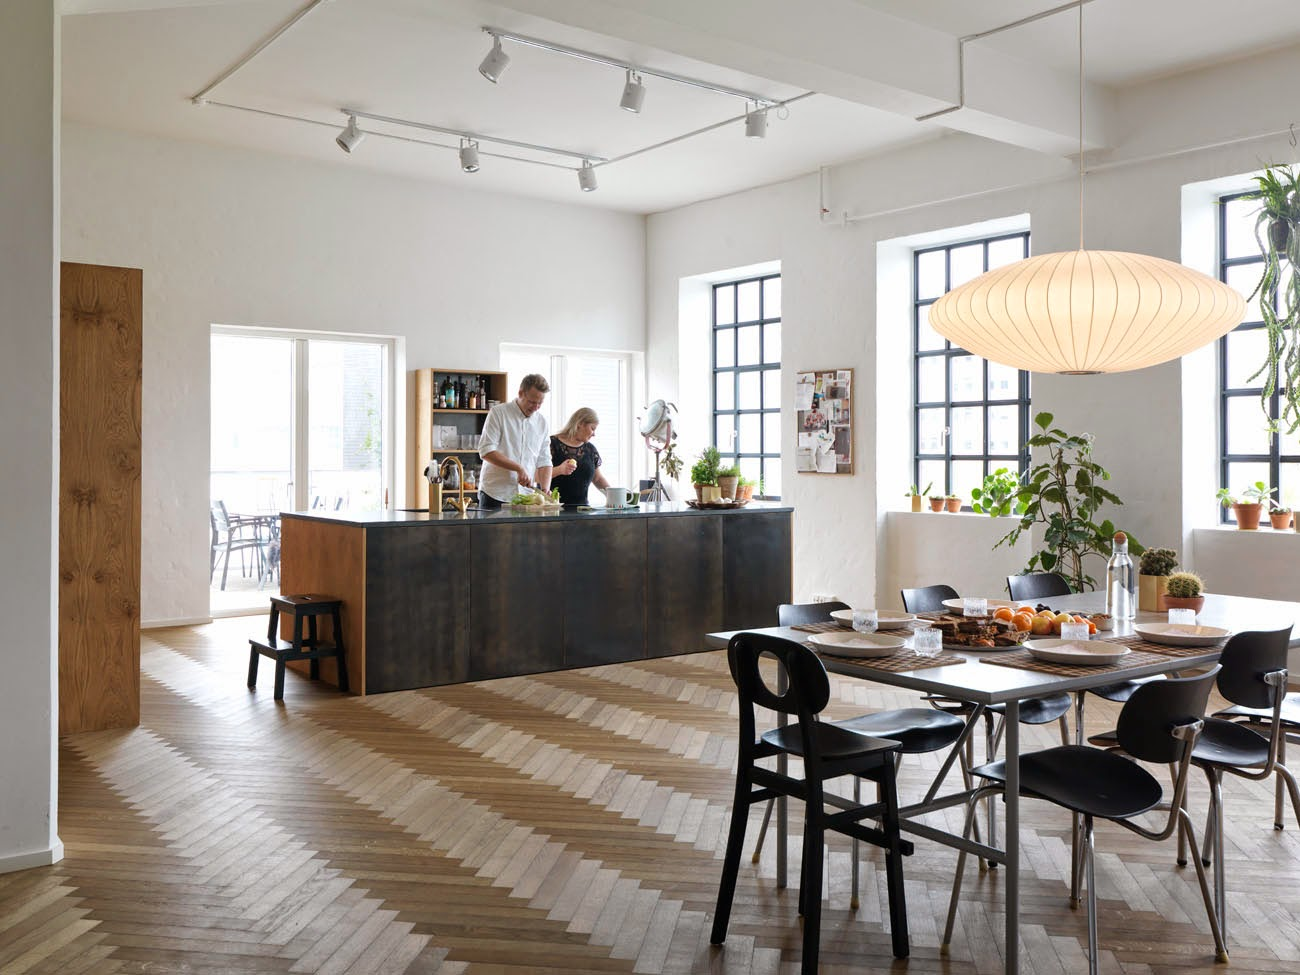 Vert poussin for Open space moderni